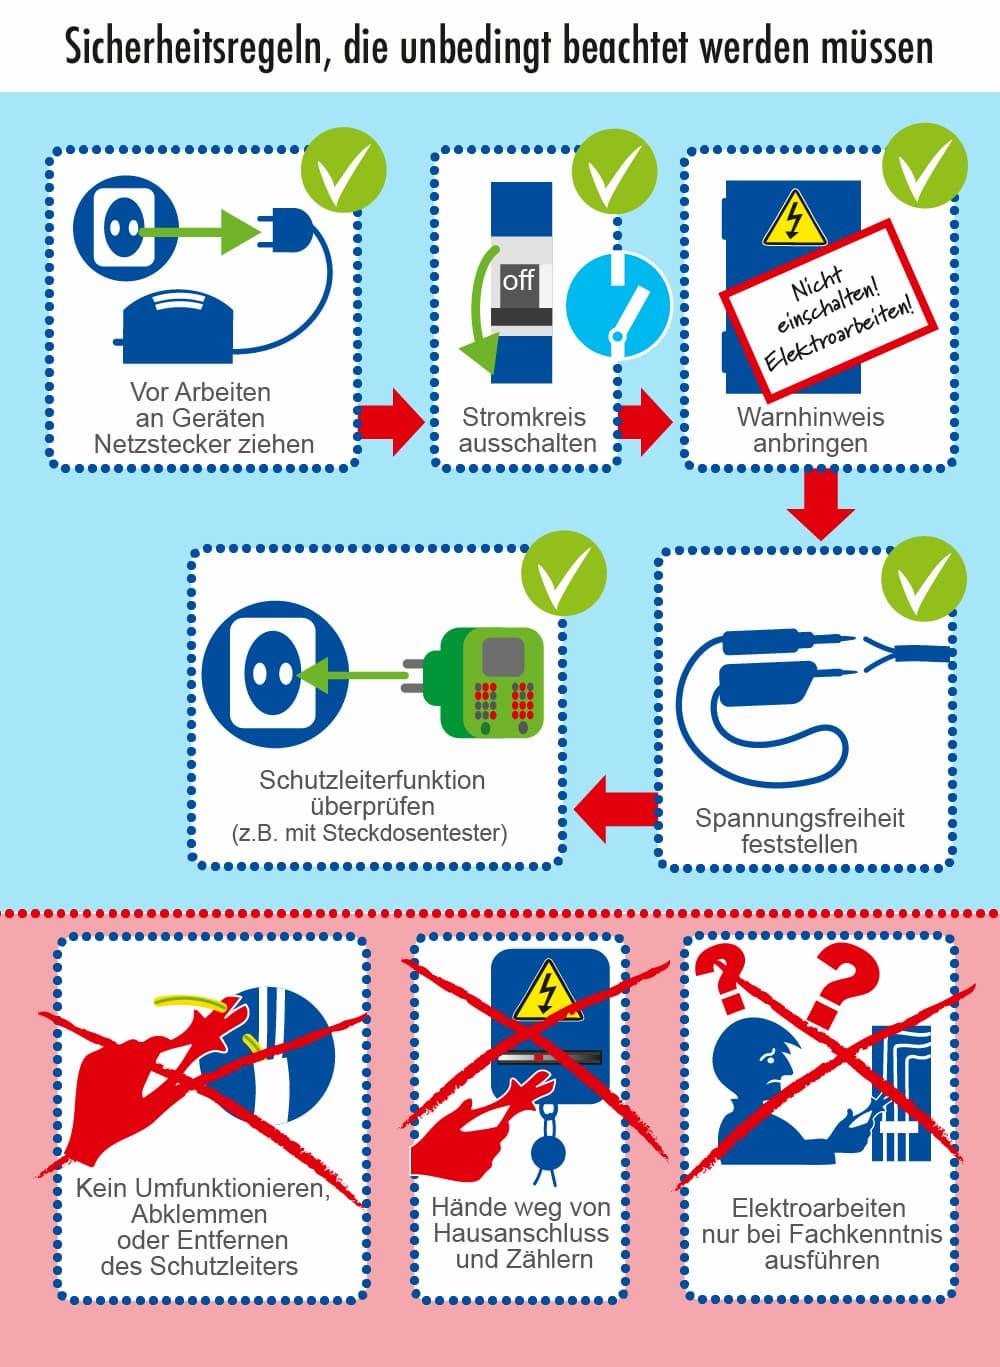 Elektroinstallation: Sicherheitsregeln die man unbedingt beachten sollte